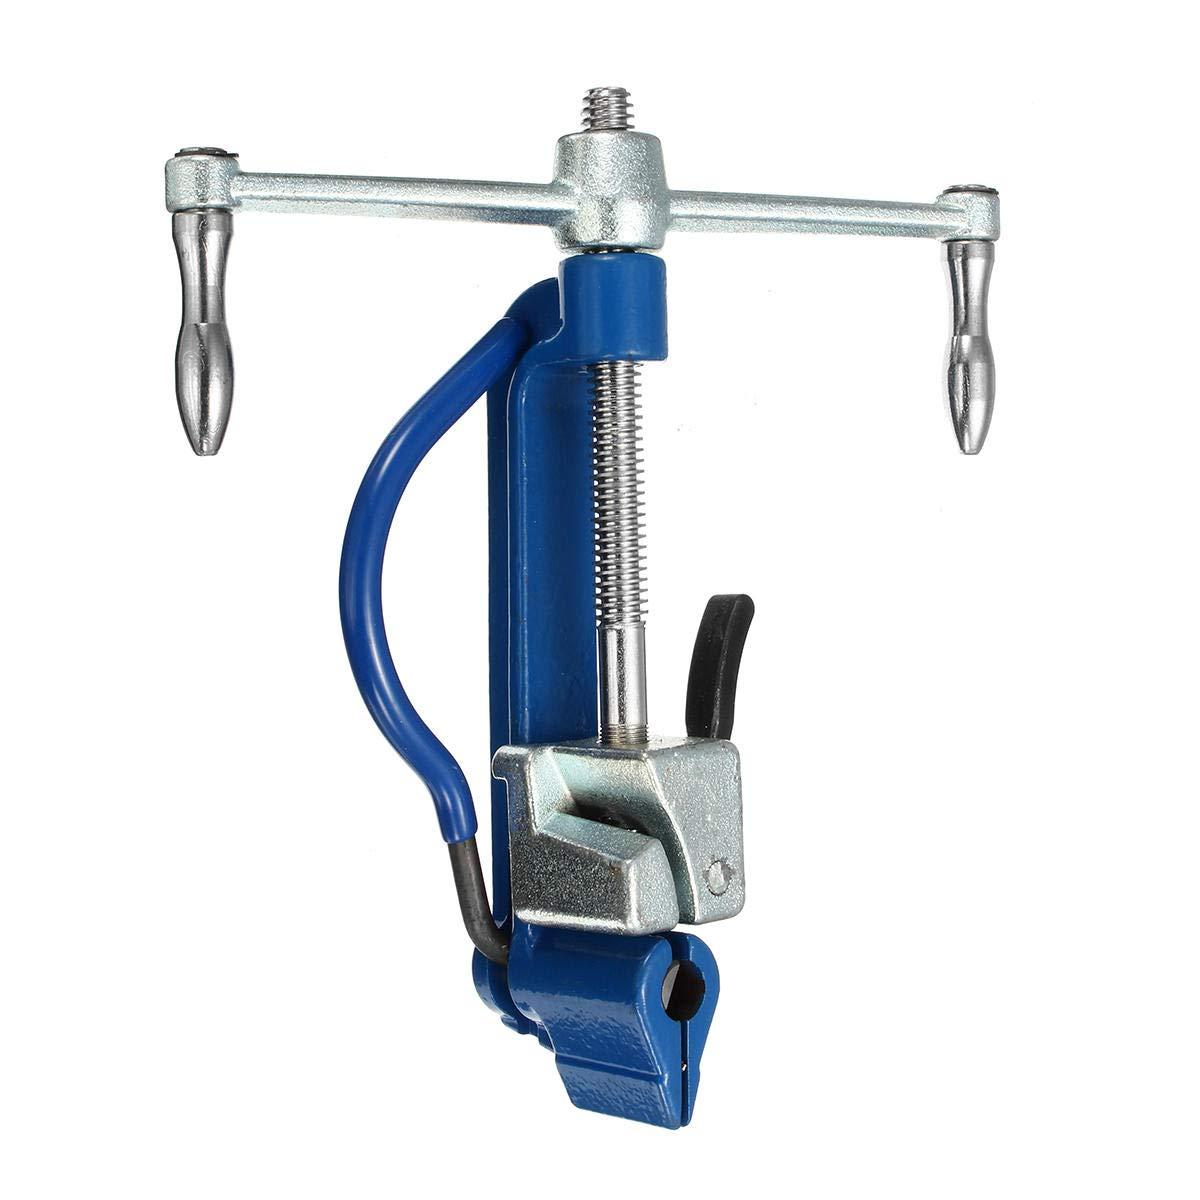 Alicates para correas de correa, herramienta de corte de corbata ...